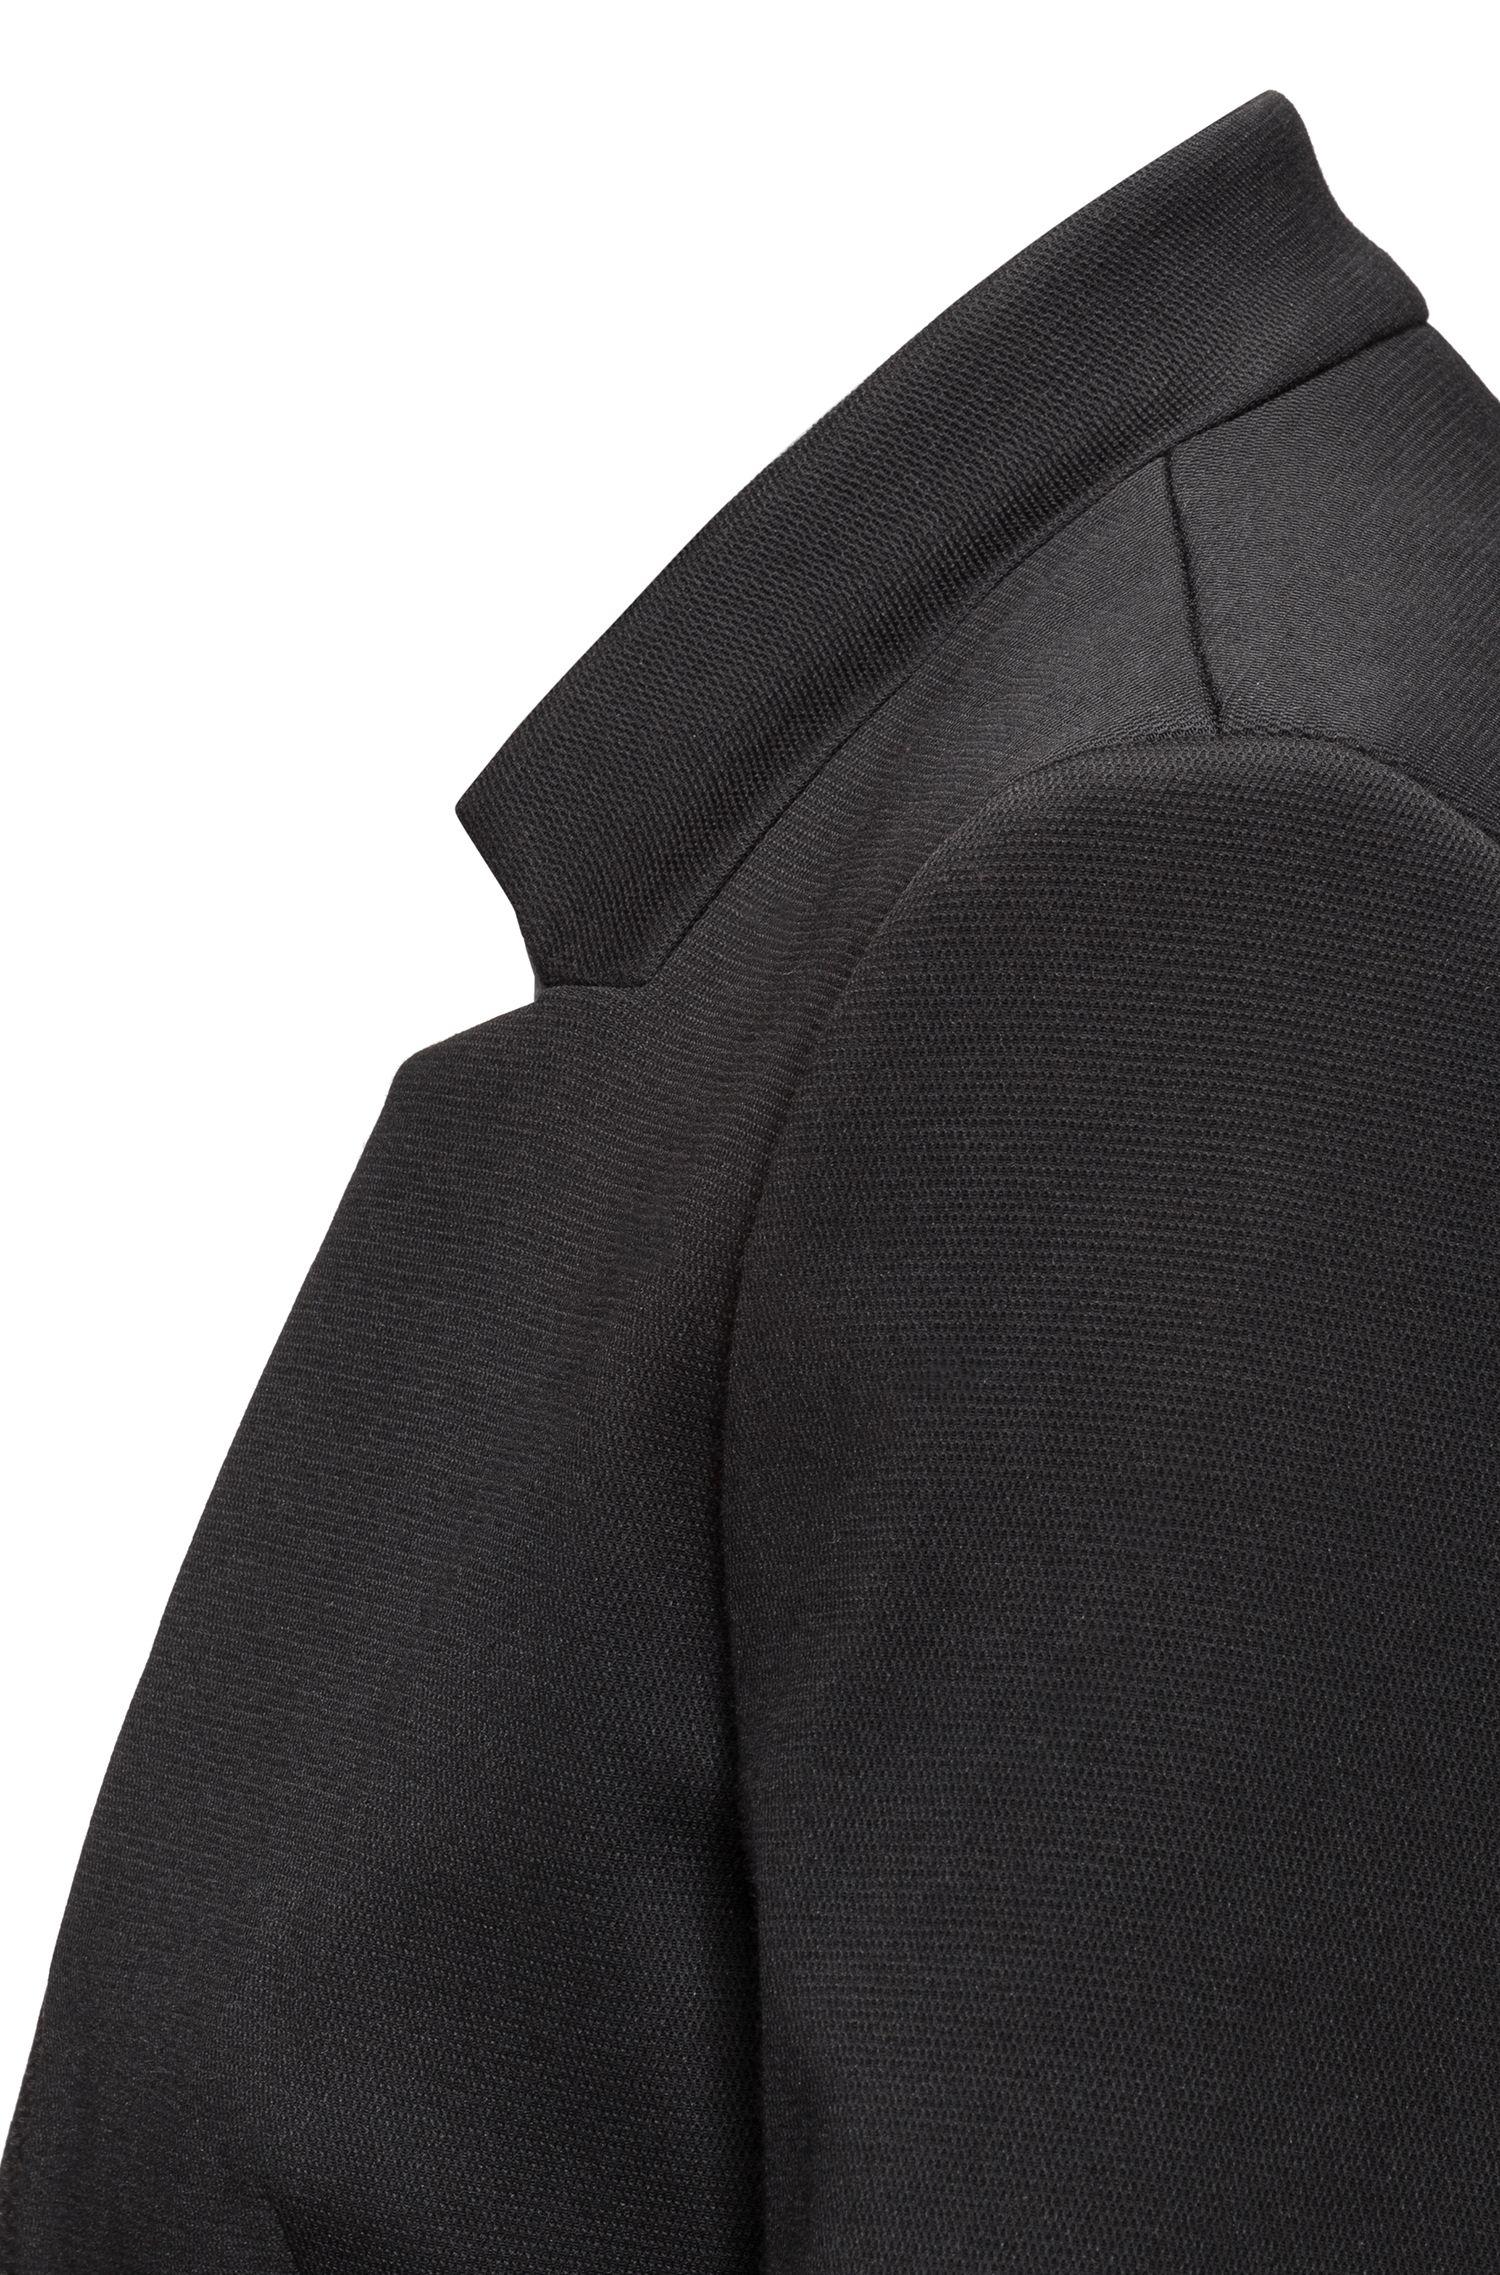 Regular-Fit Blazer aus elastischem Baumwoll-Mix mit Reißverschlusstaschen